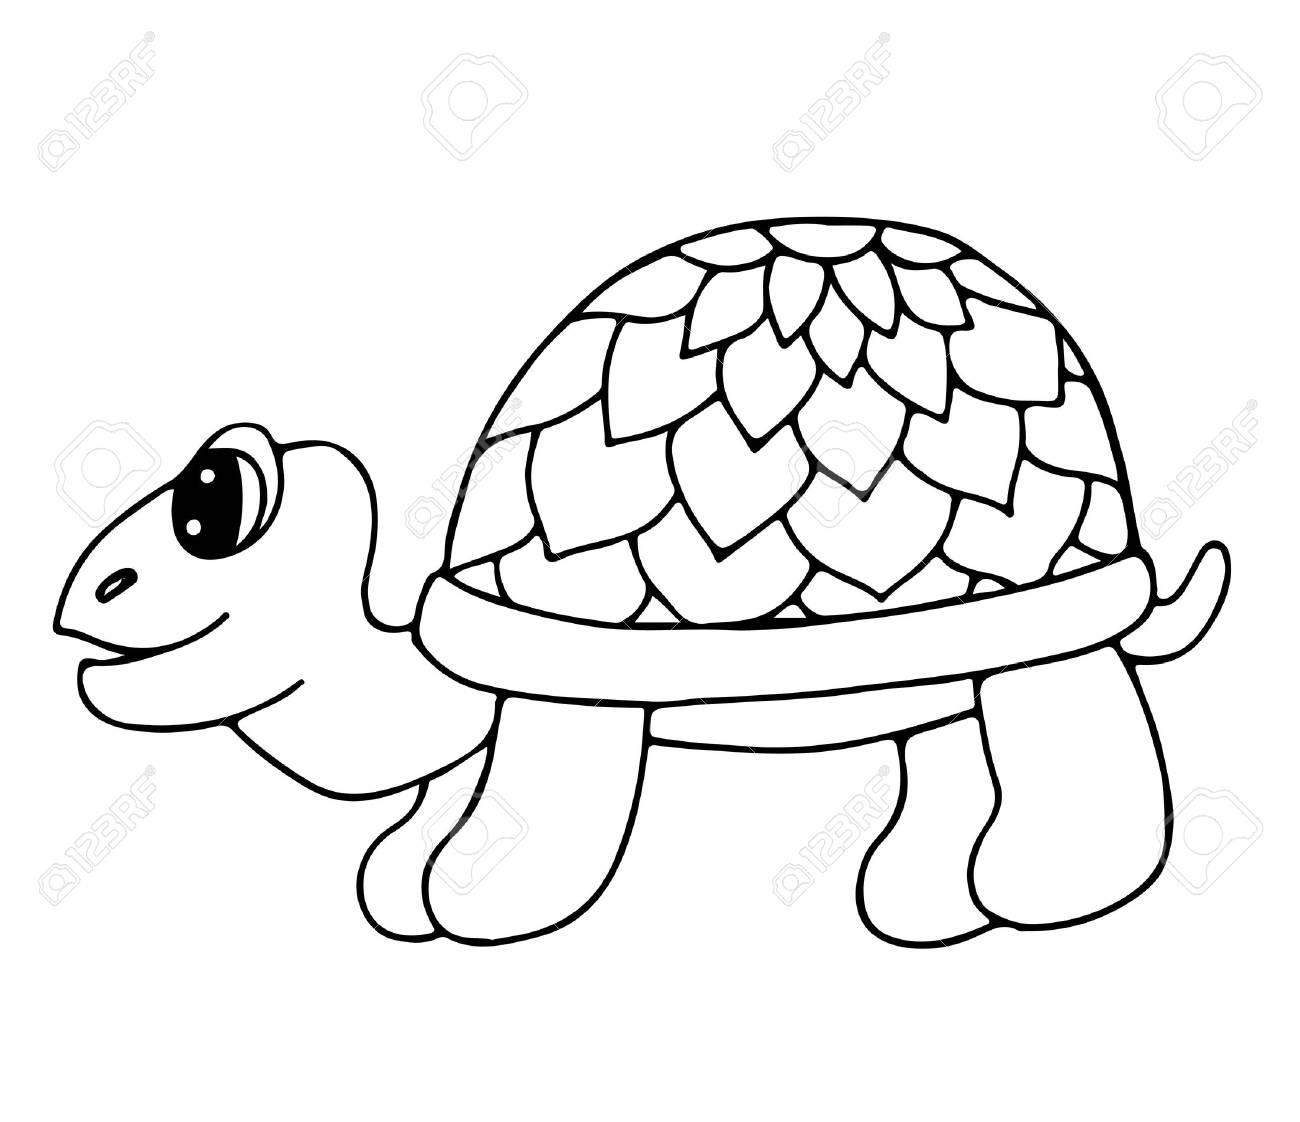 Fantastisch Druckbare Malvorlagen Schildkröten Galerie - Beispiel ...